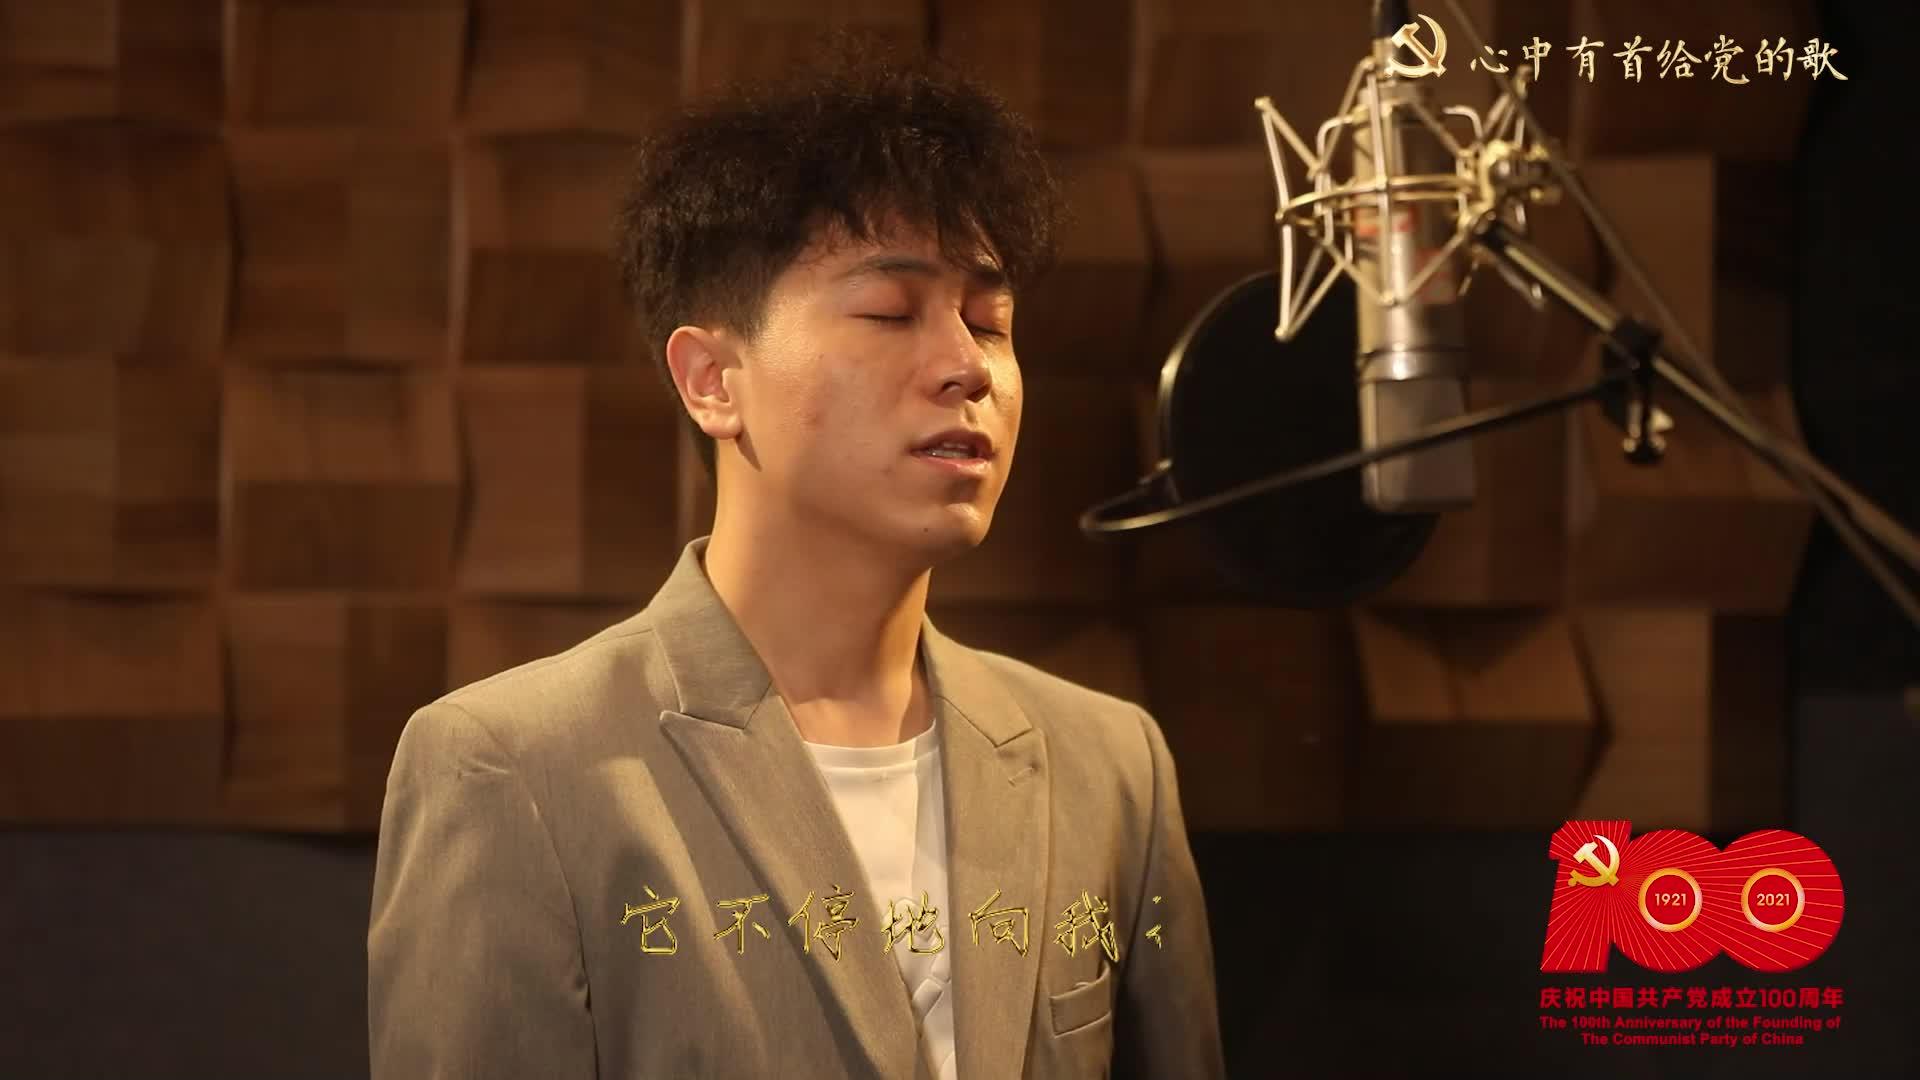 """《故乡的云》——""""心中有首给党的歌""""系列MV"""